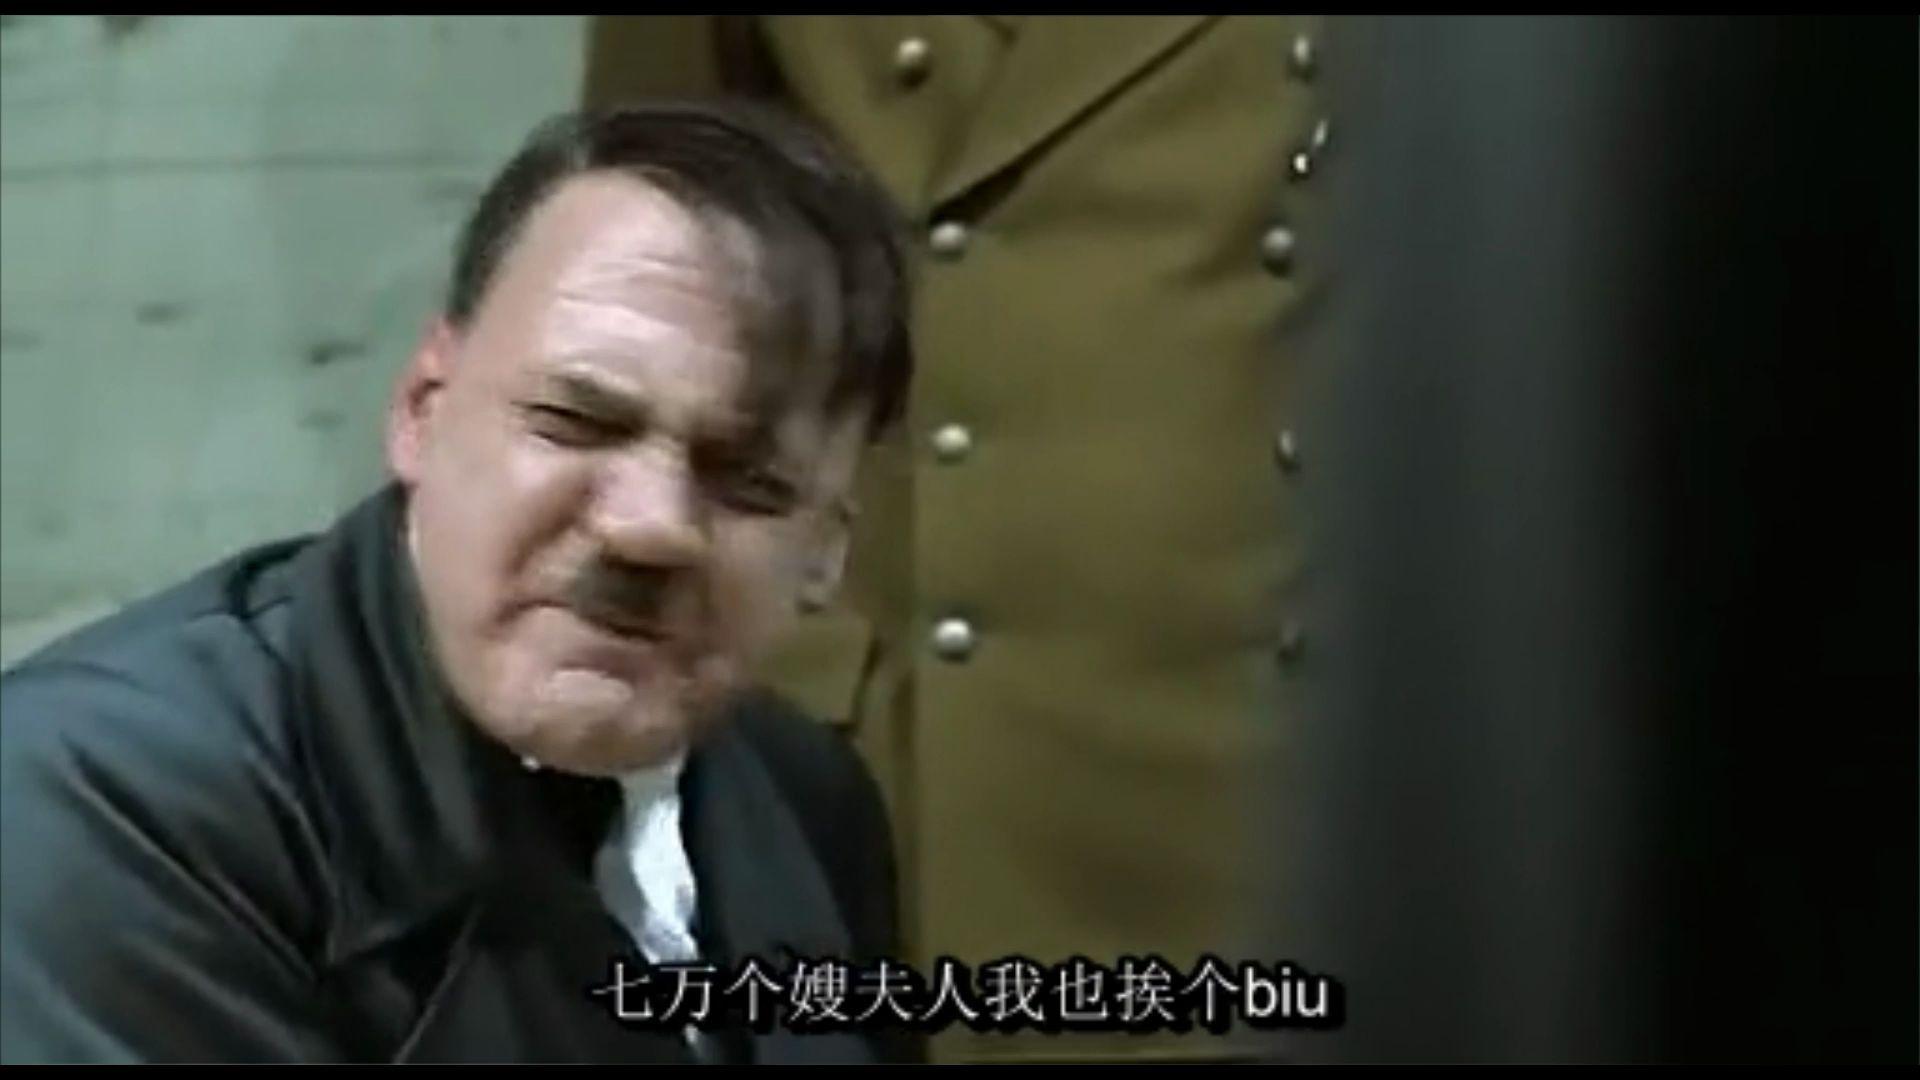 【元首的憤怒】竊格瓦拉出獄_嗶哩嗶哩 (゜-゜)つロ 干杯~-bilibili